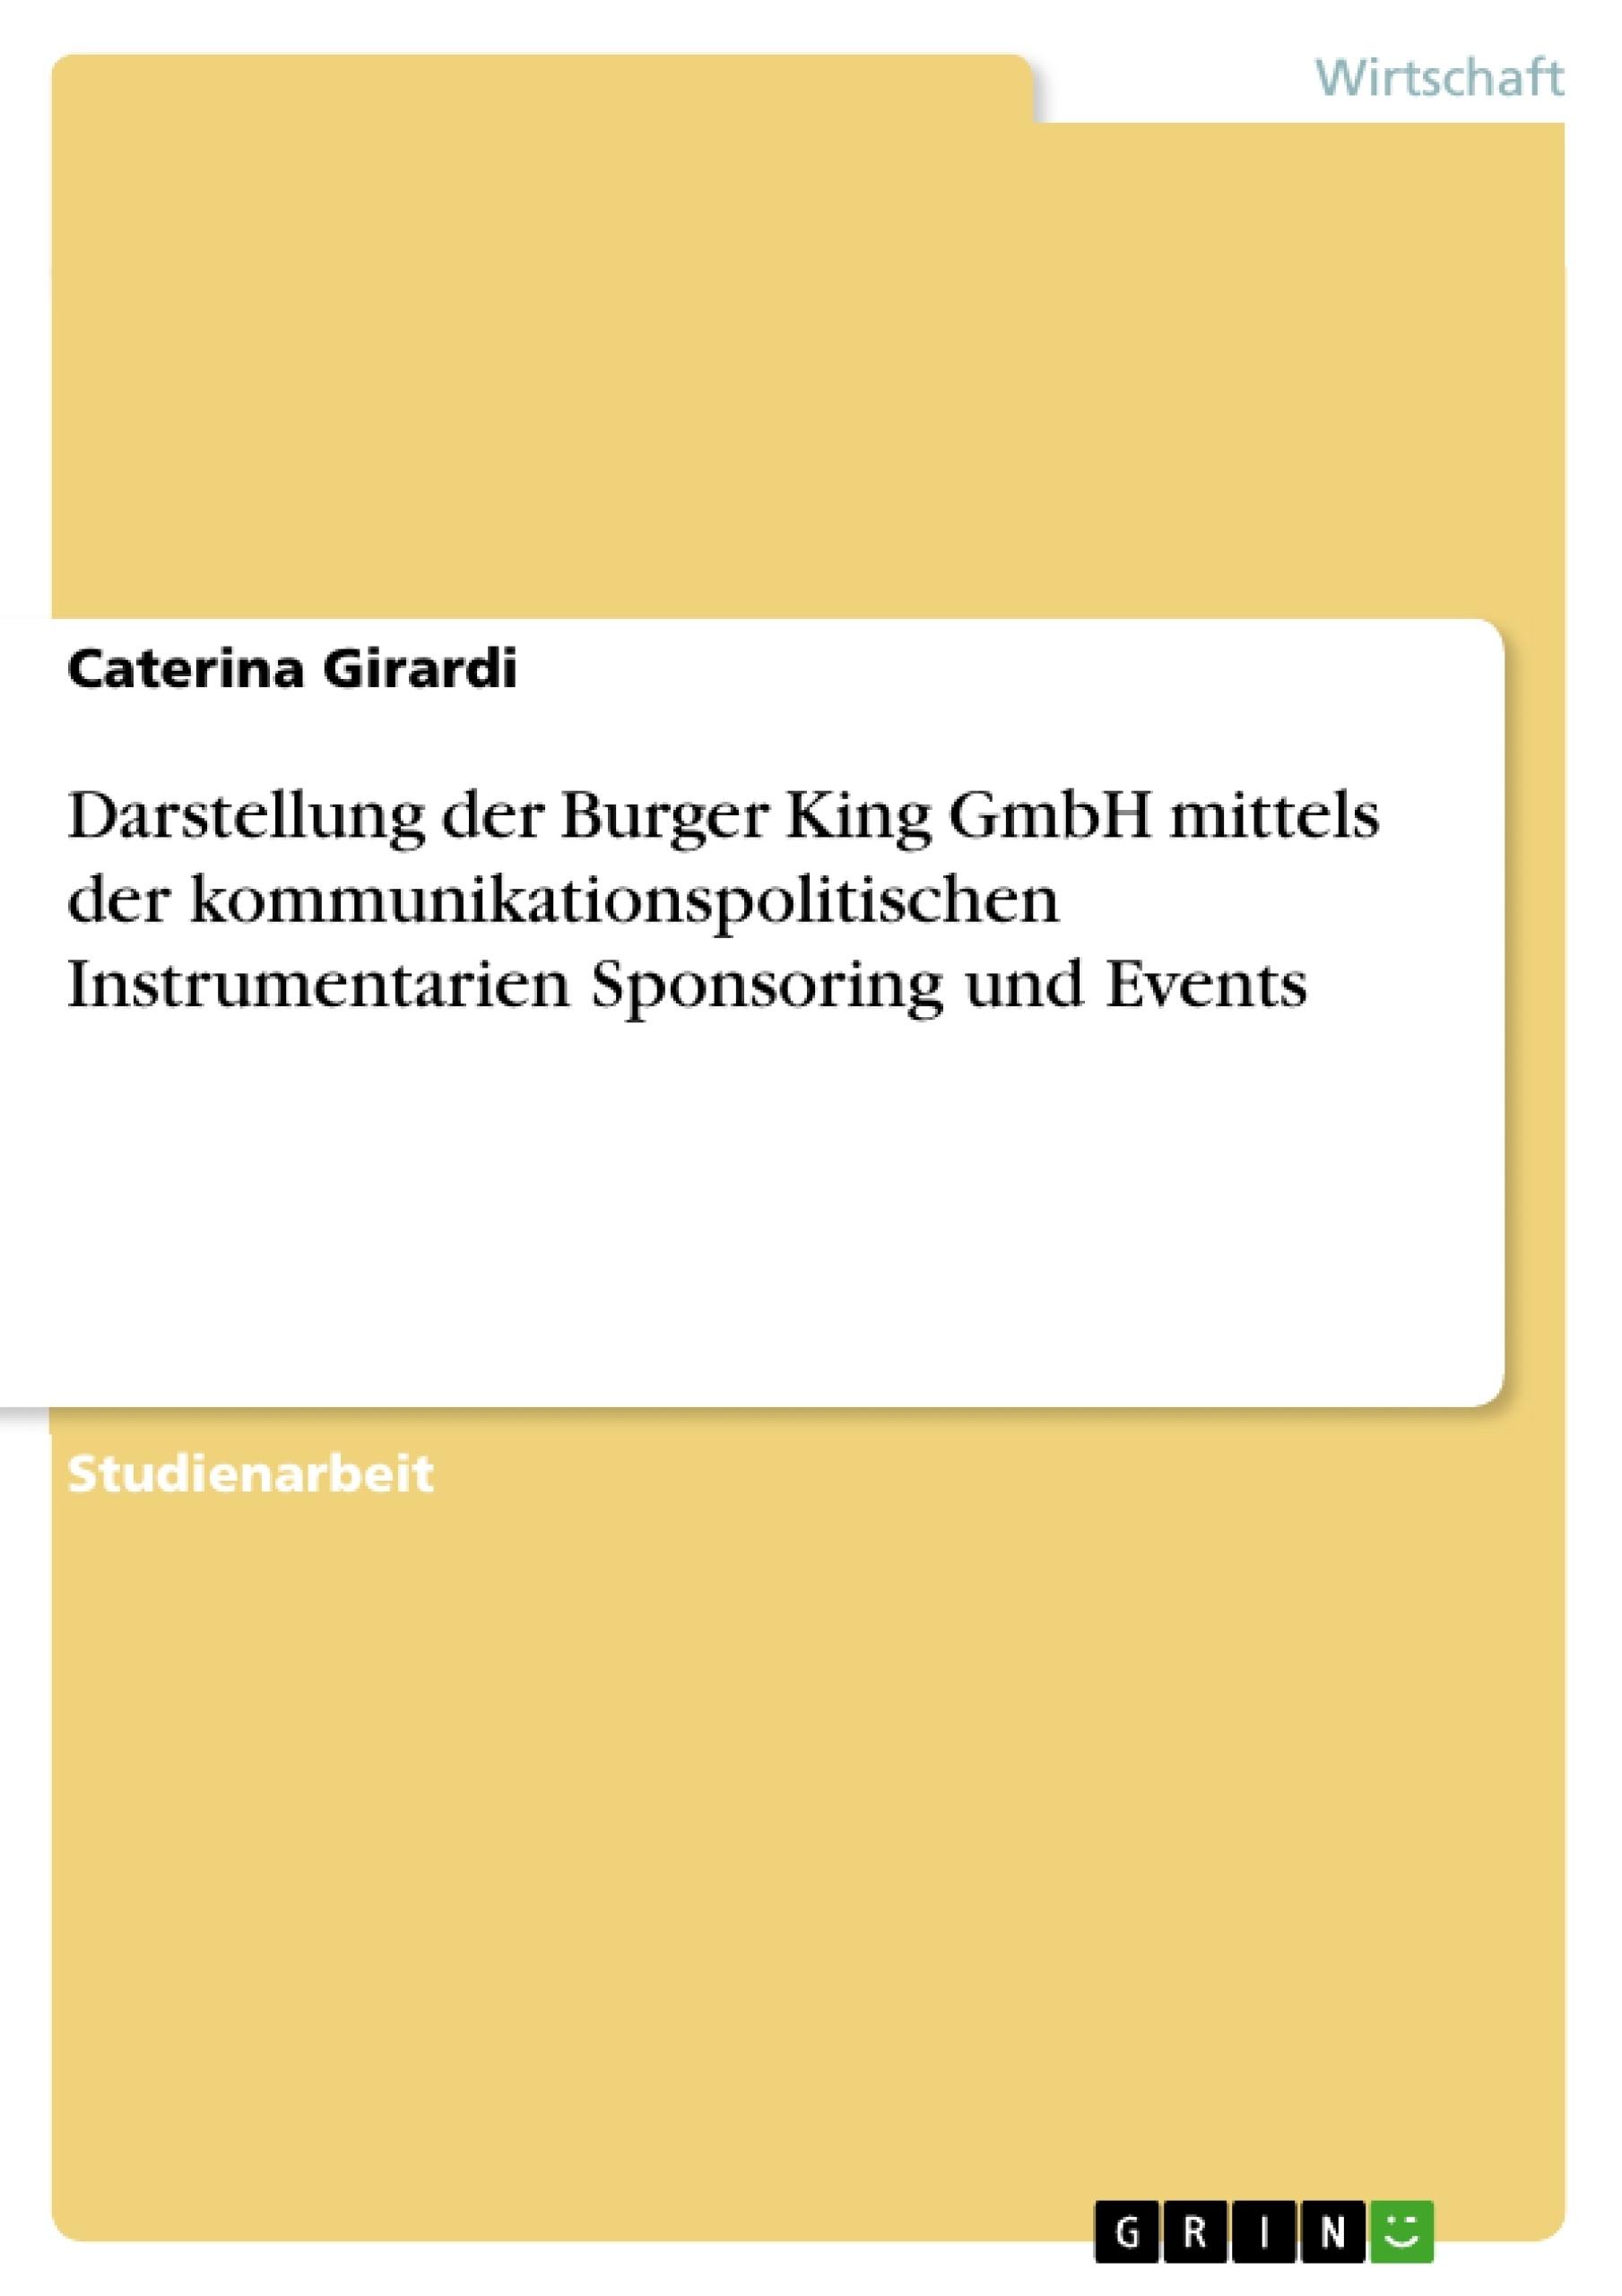 Titel: Darstellung der Burger King GmbH mittels der kommunikationspolitischen Instrumentarien Sponsoring und Events